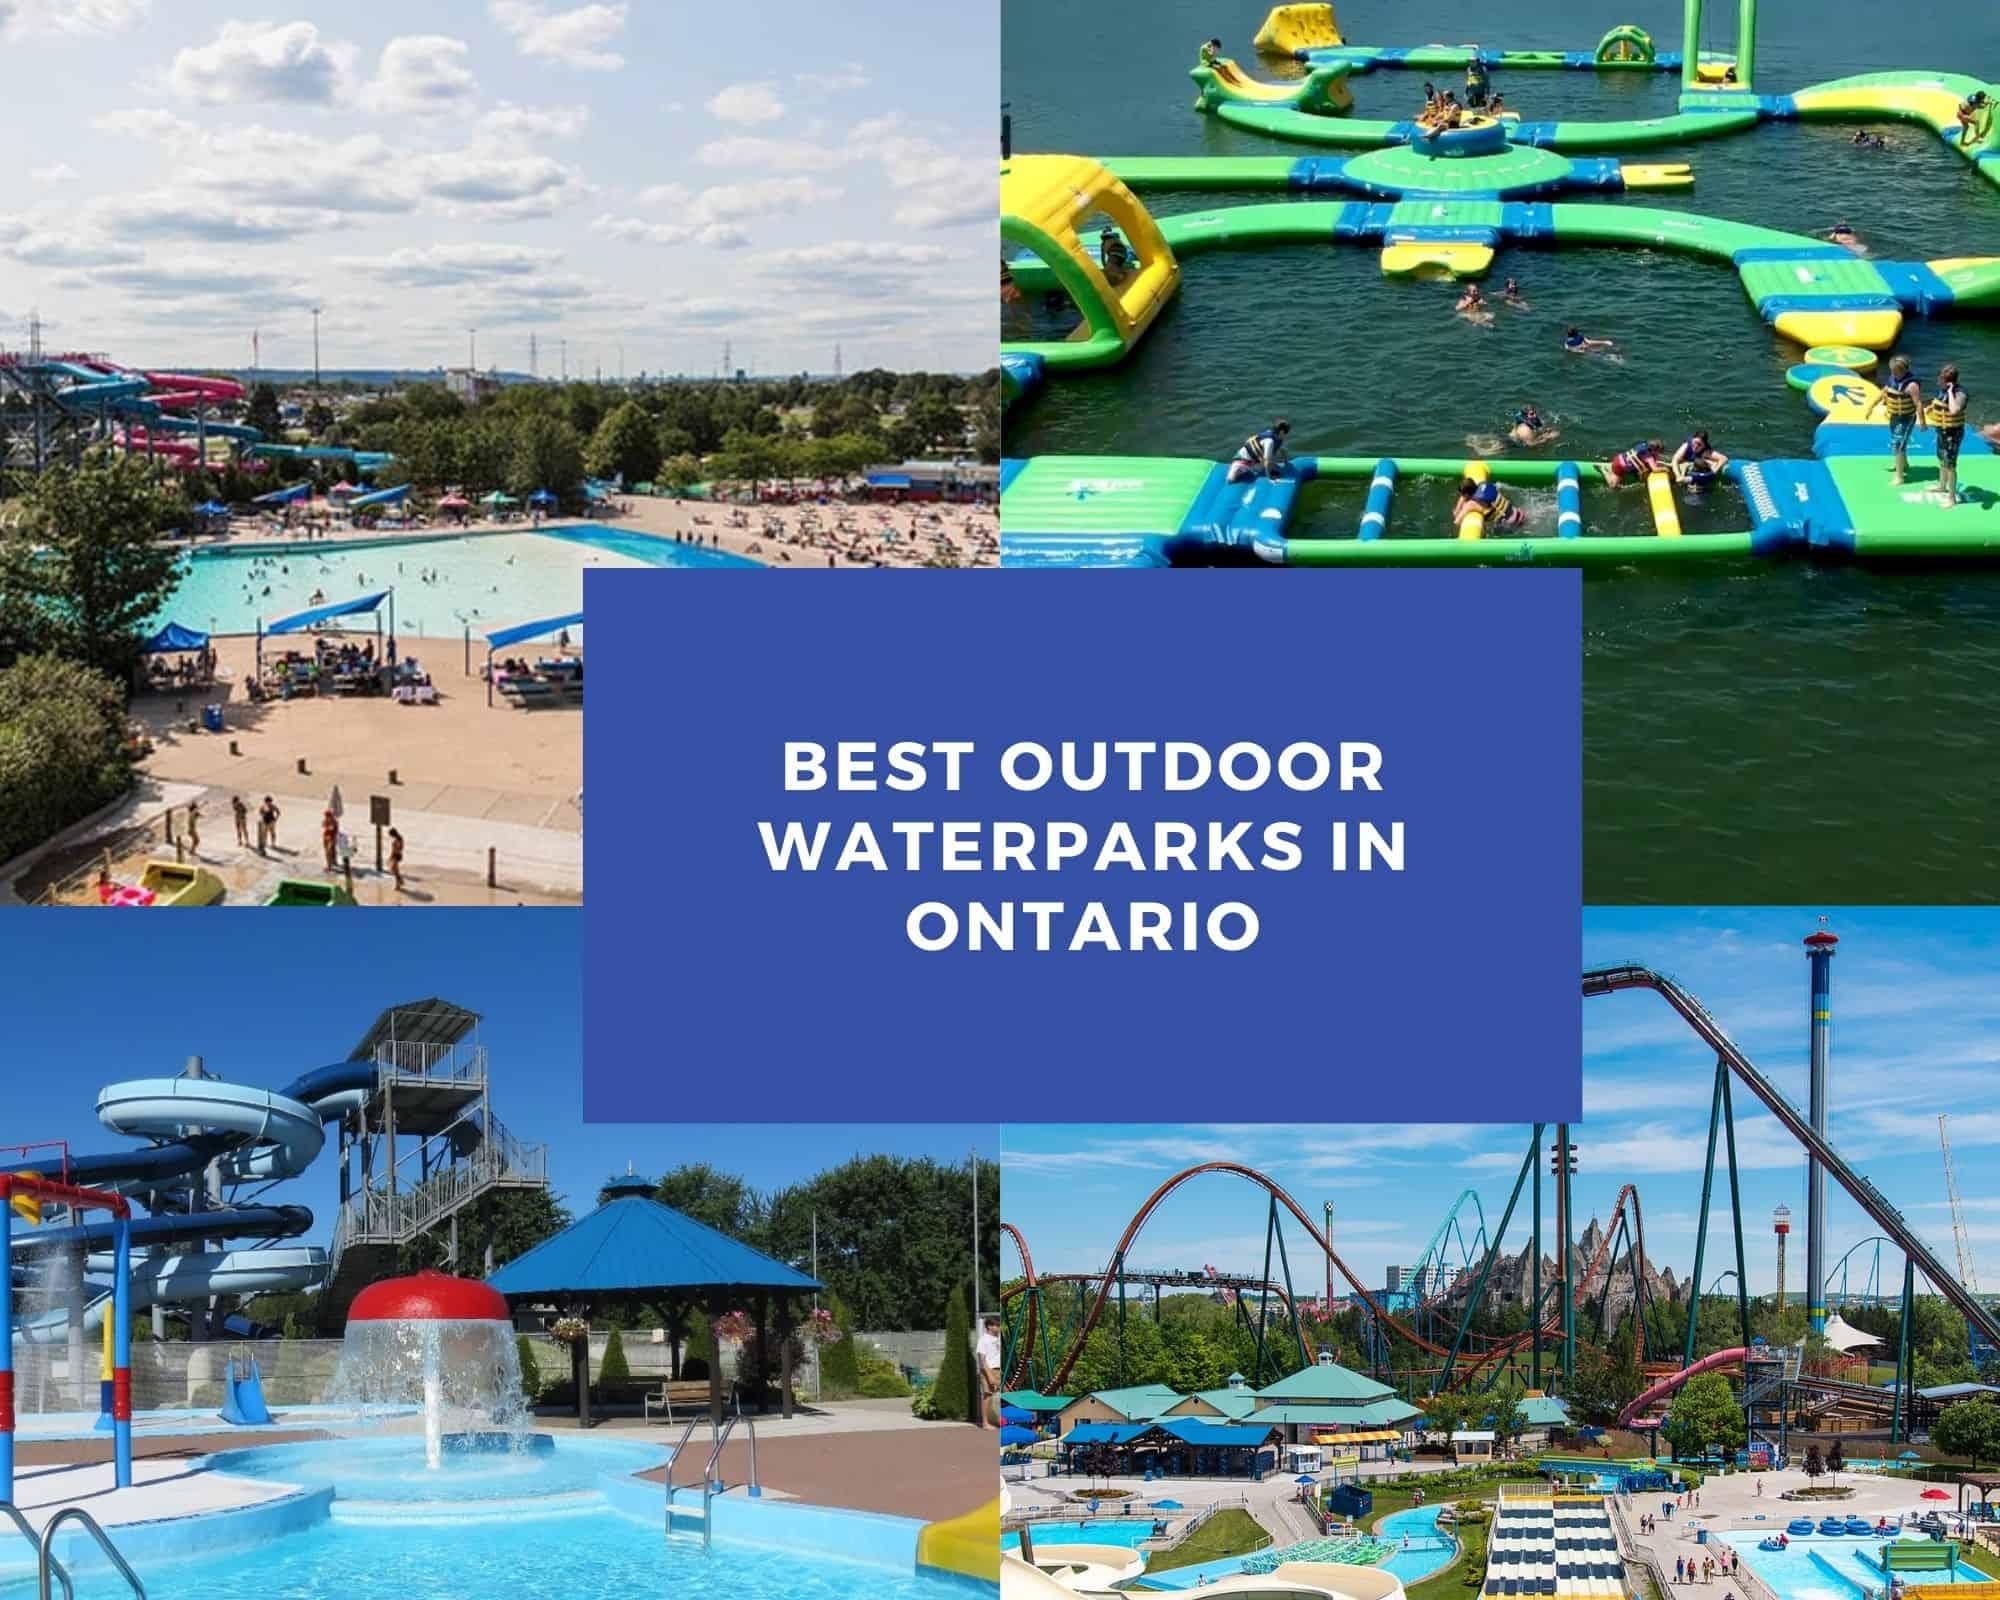 Best Outdoor Waterparks in Ontario